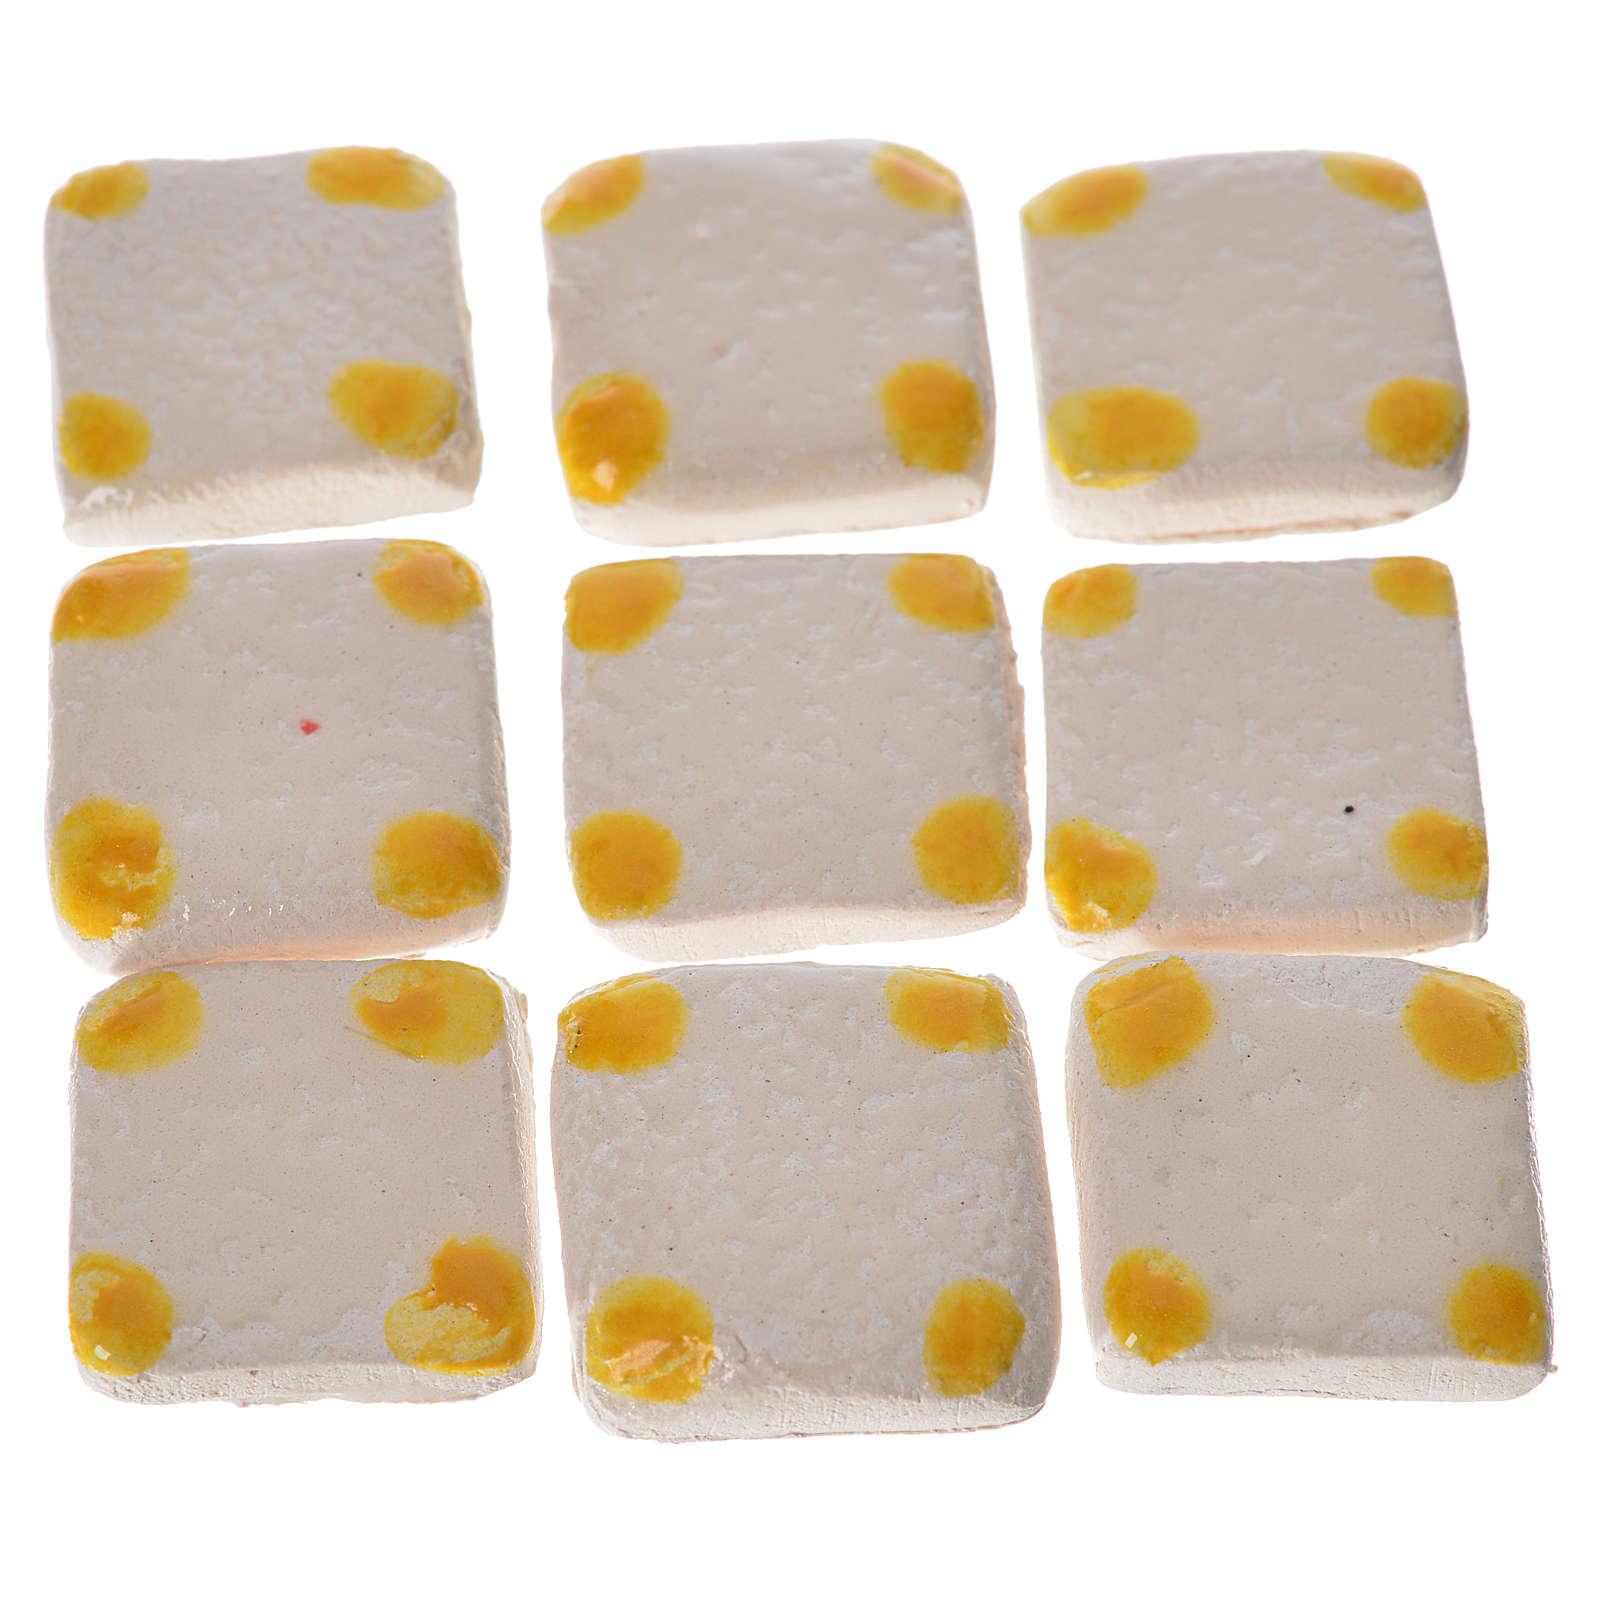 Mattonelle terracotta smaltate 60 pz puntini gialli per presepe 4